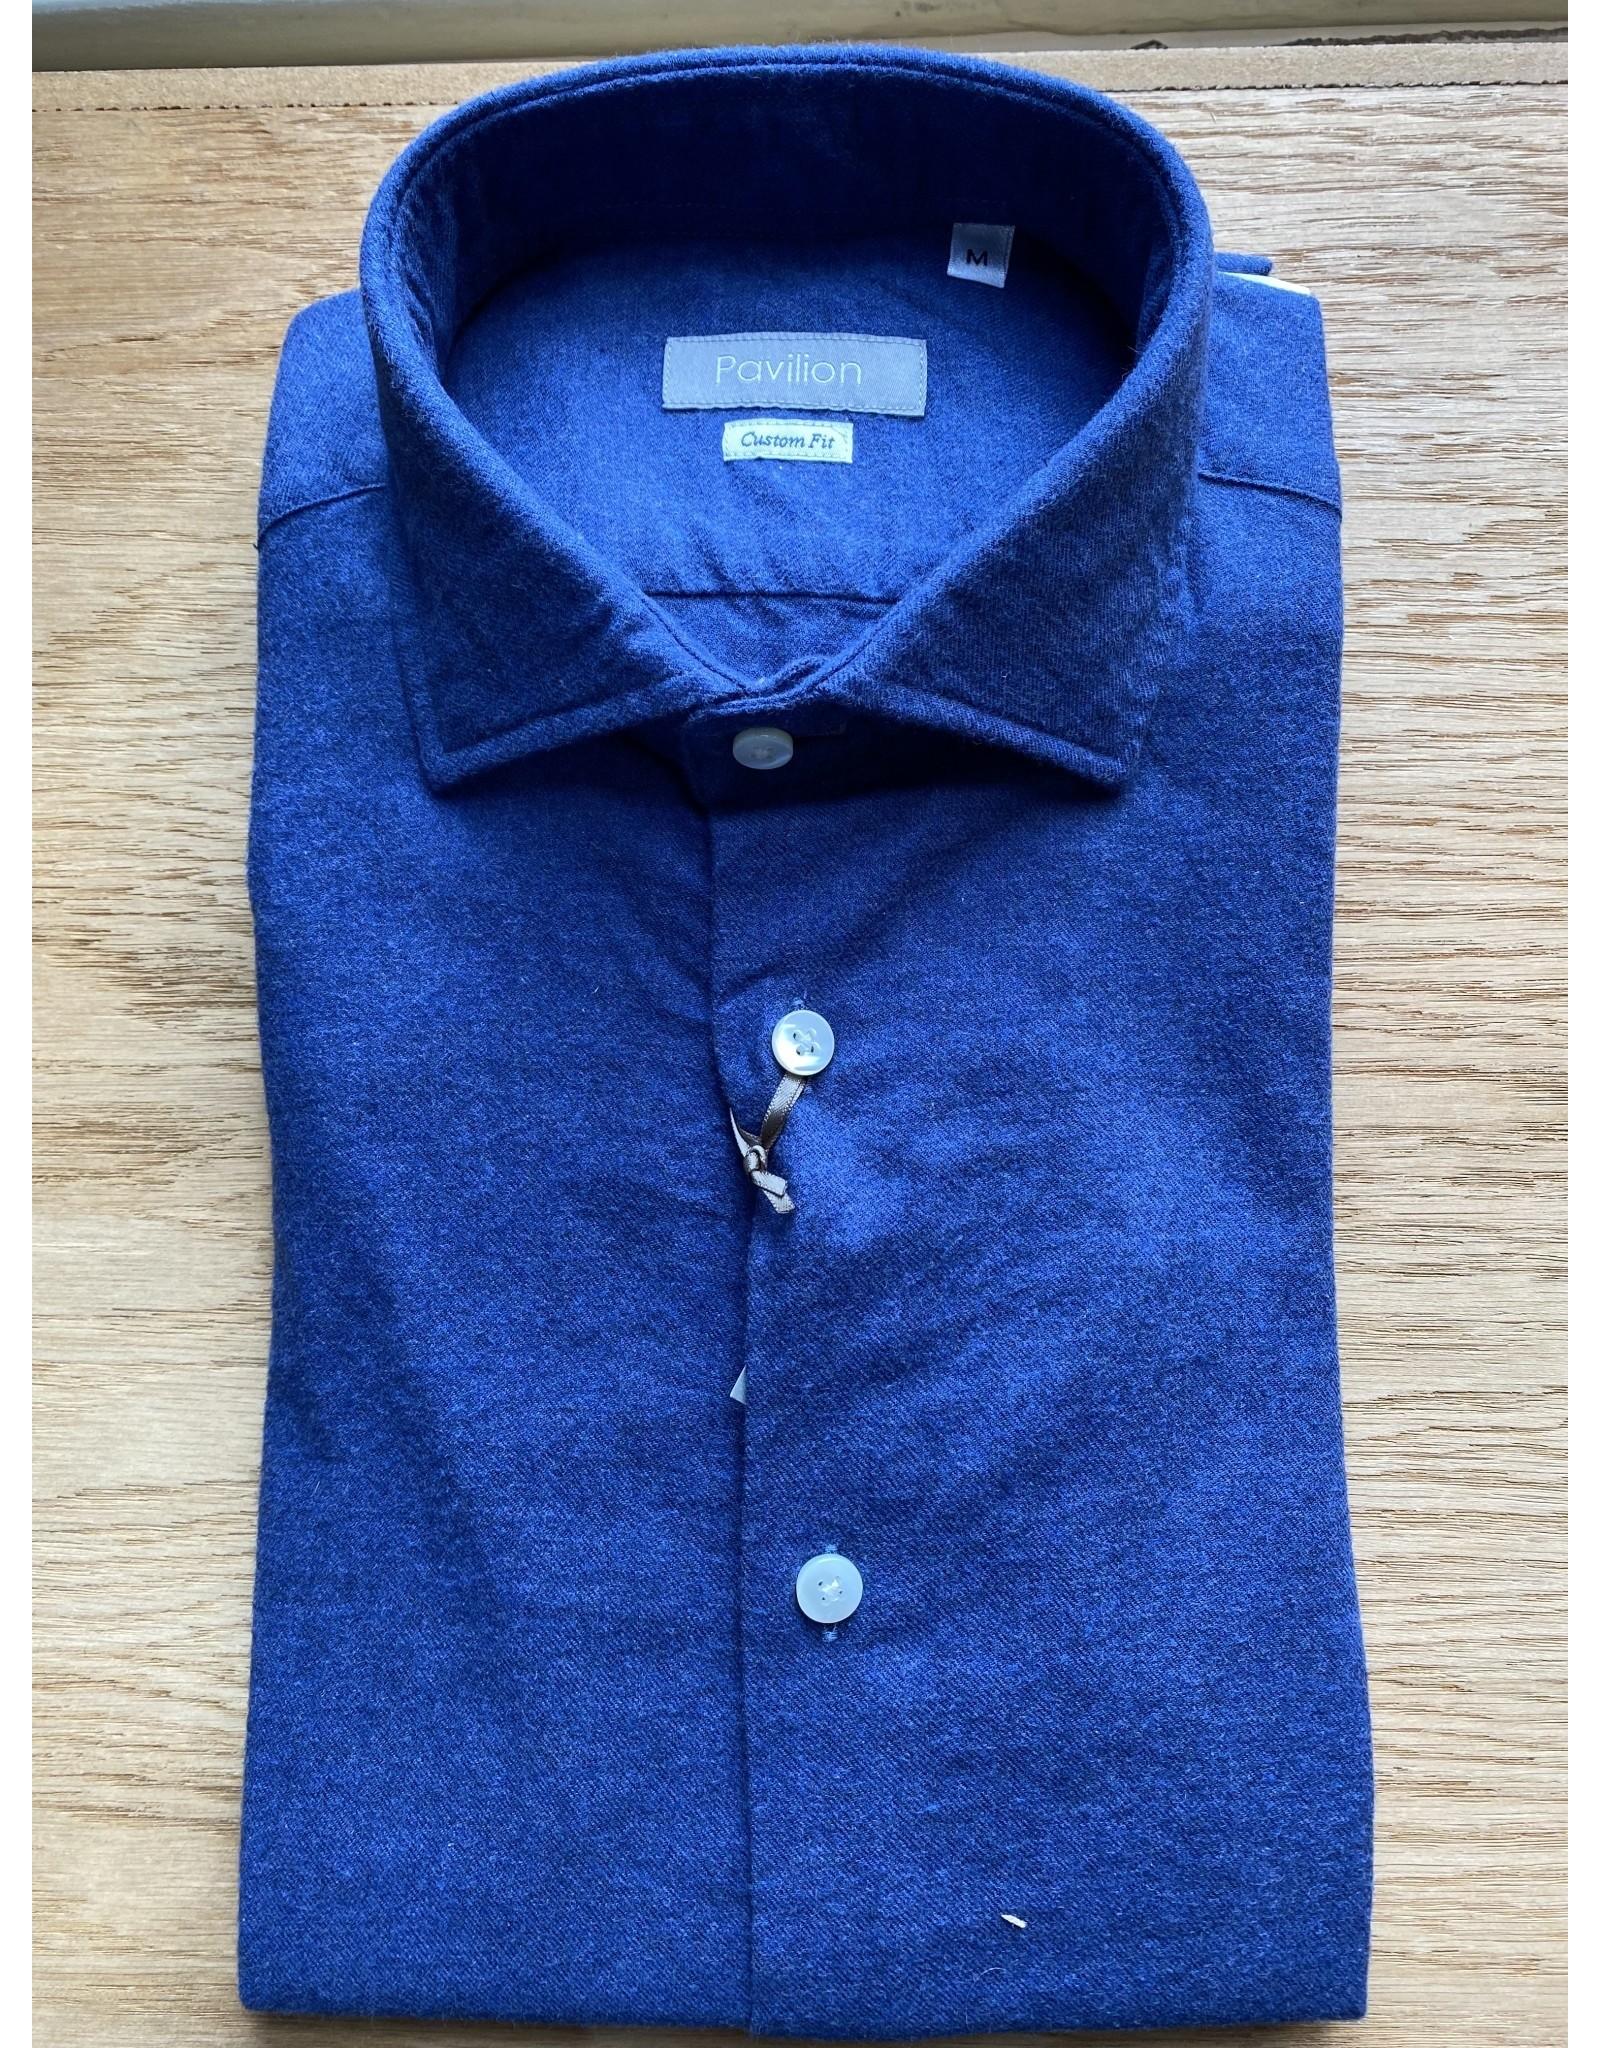 Pavilion Mens Plain Flannel Blue Shirt